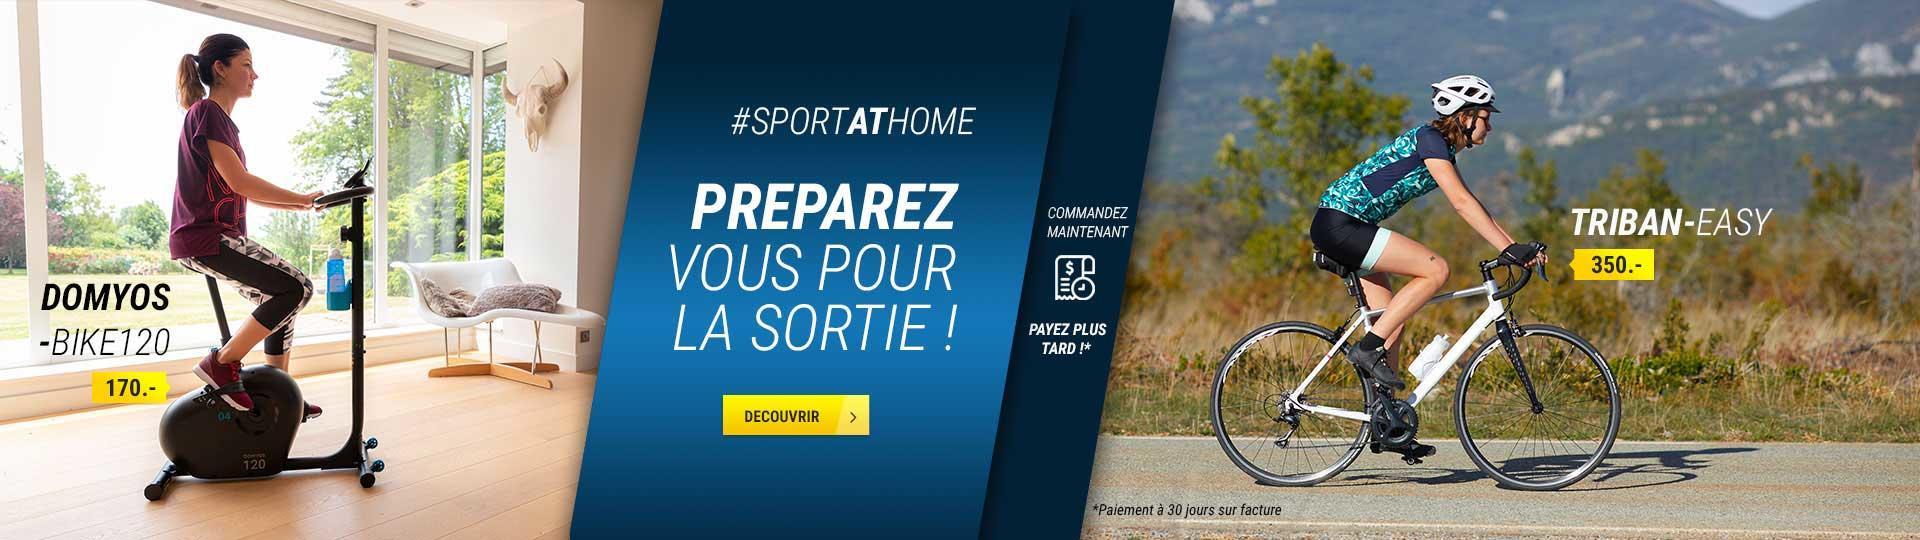 S'entraîner au vélo à la maison